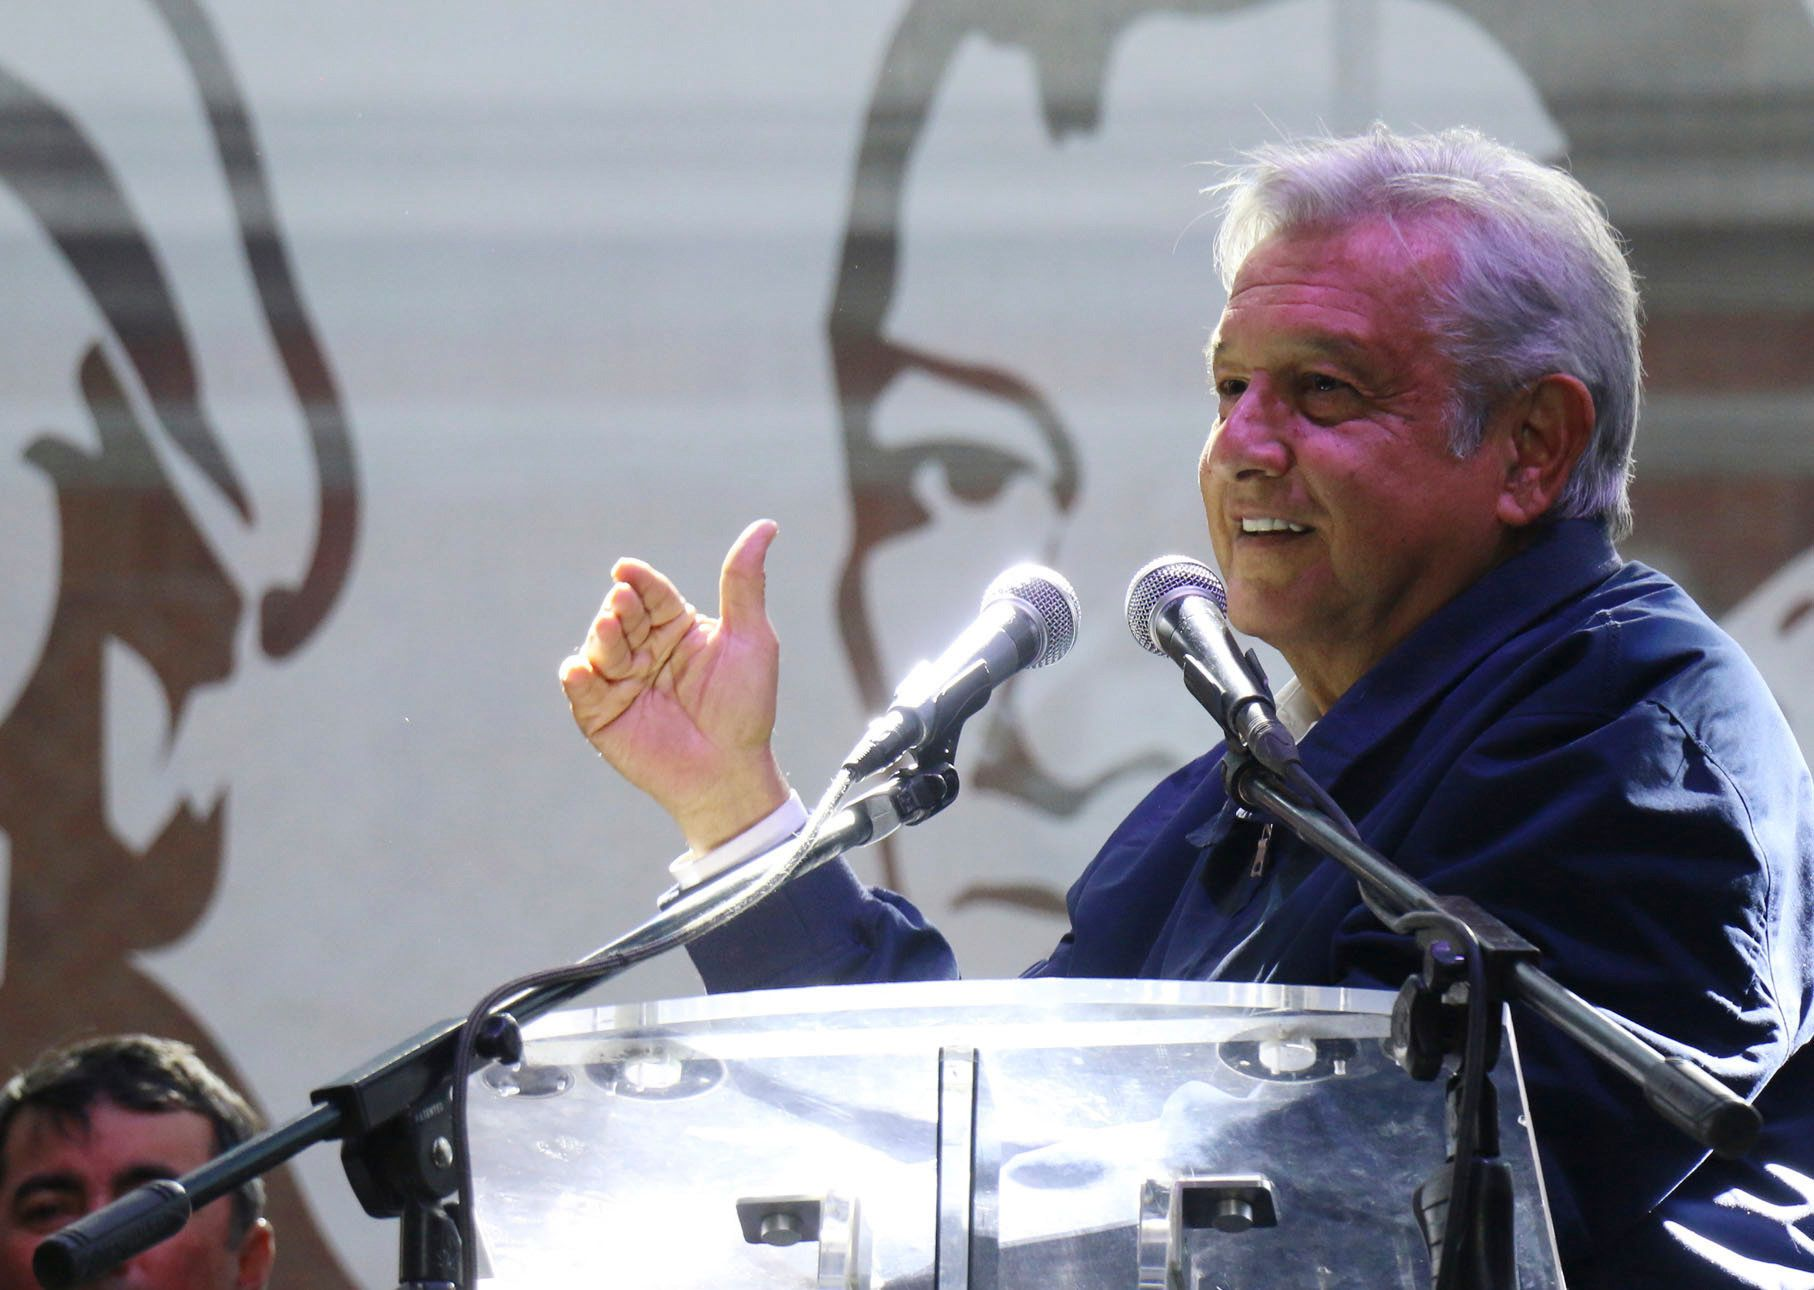 Ο πρόεδρος του Μεξικού τράβηξε πάνω του τα φώτα της δημοσιότητας αλλά ο λόγος είναι